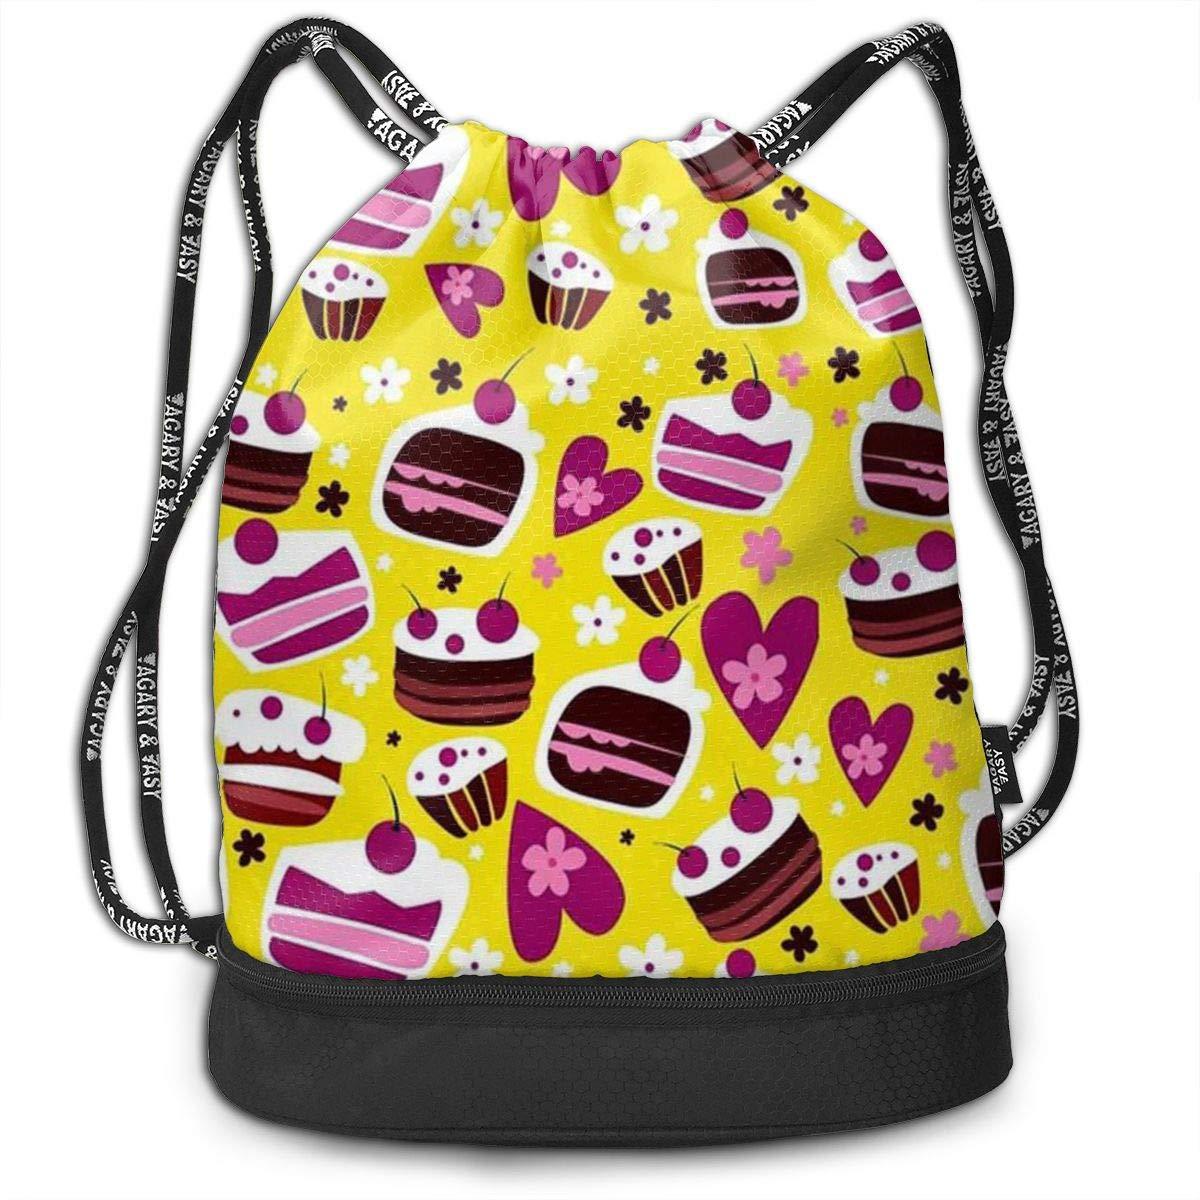 HUOPR5Q Sweet Cakes Drawstring Backpack Sport Gym Sack Shoulder Bulk Bag Dance Bag for School Travel